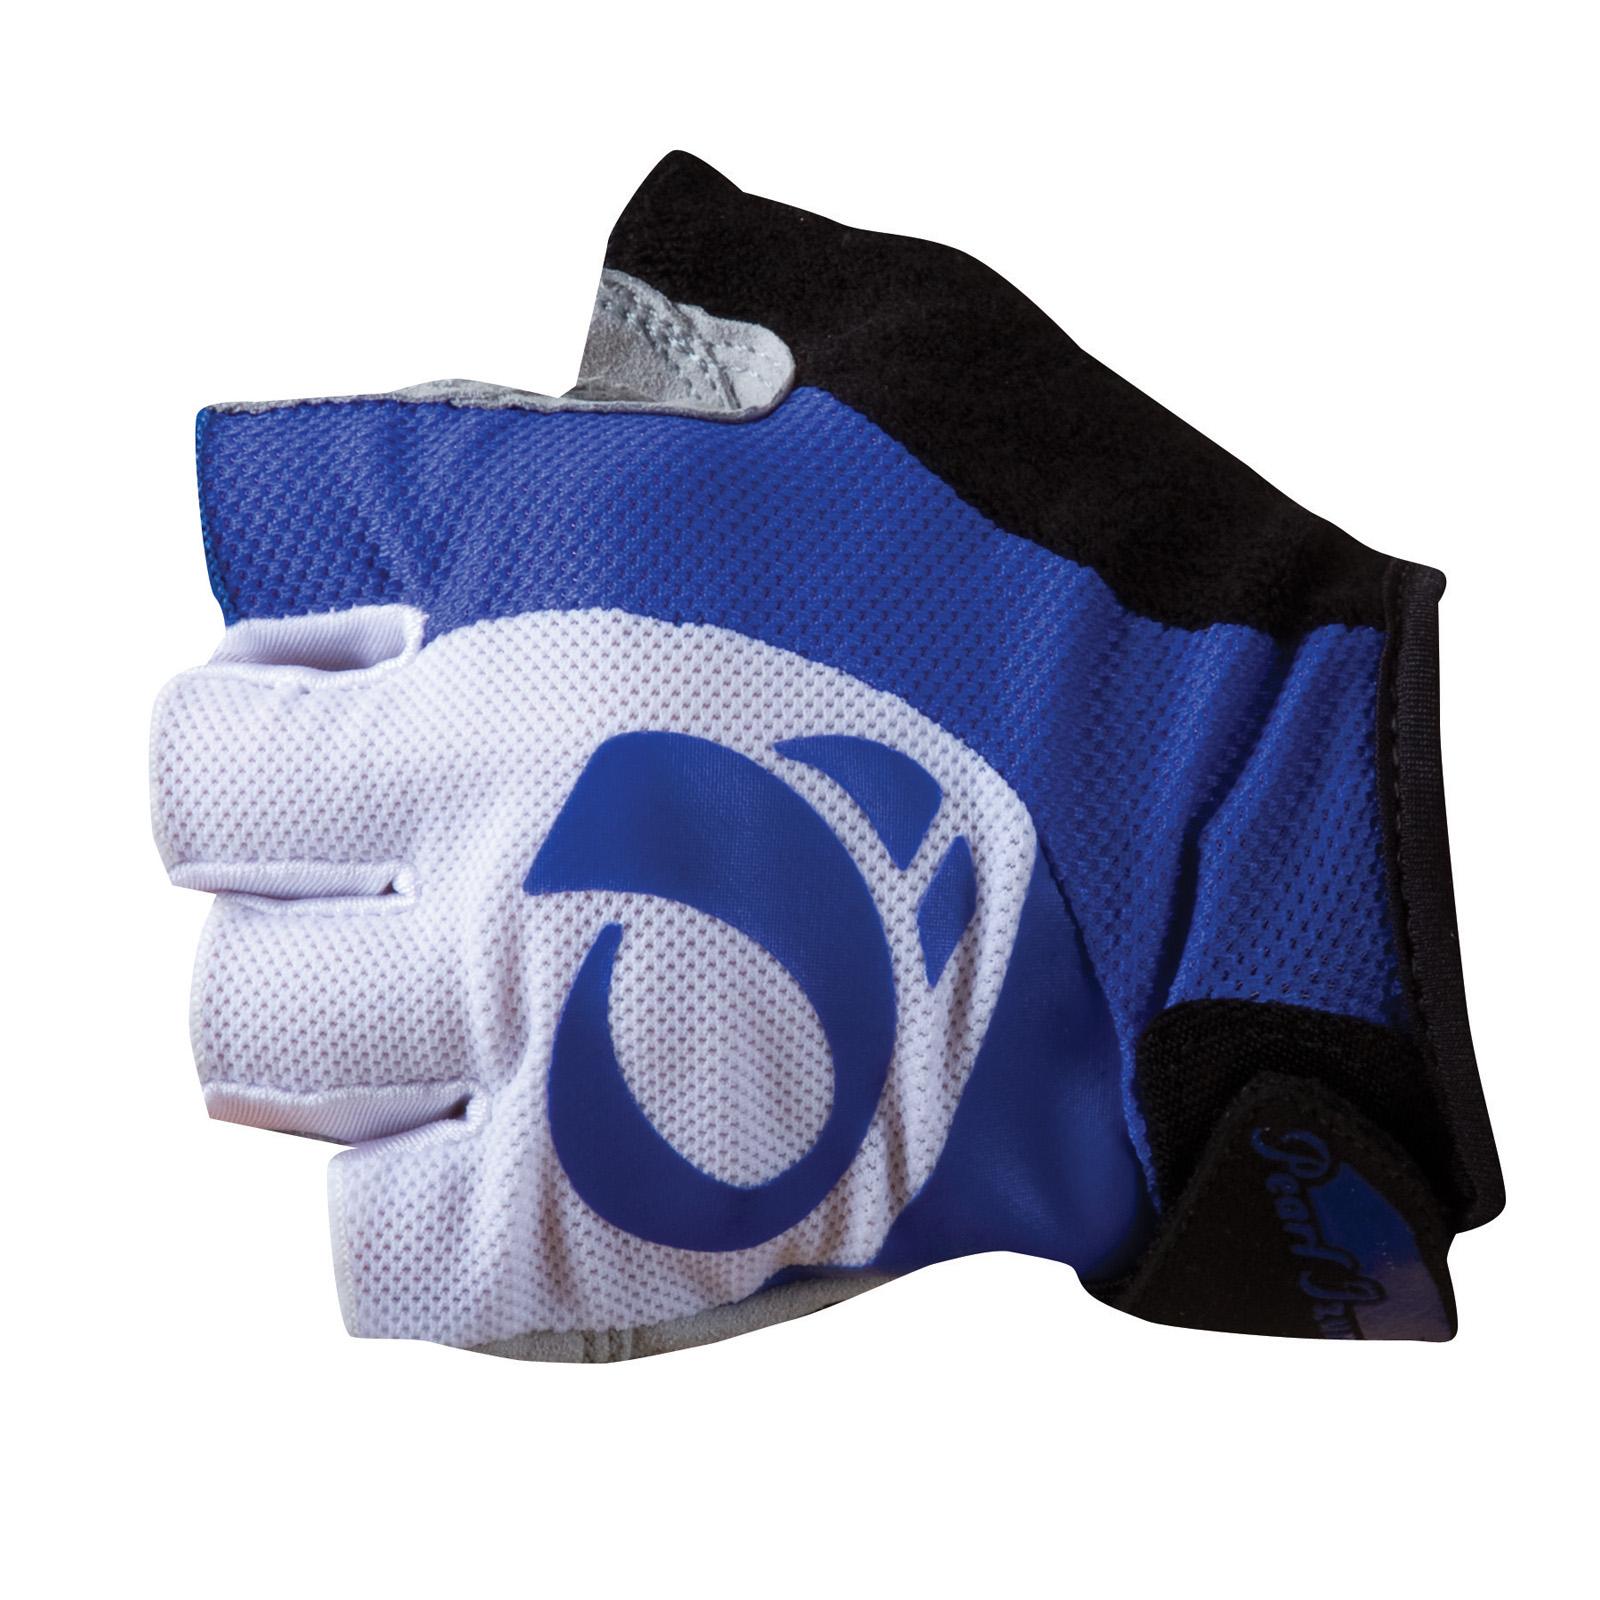 PEARL iZUMi SELECT rukavice, dámské, DAZZLING modrá, L